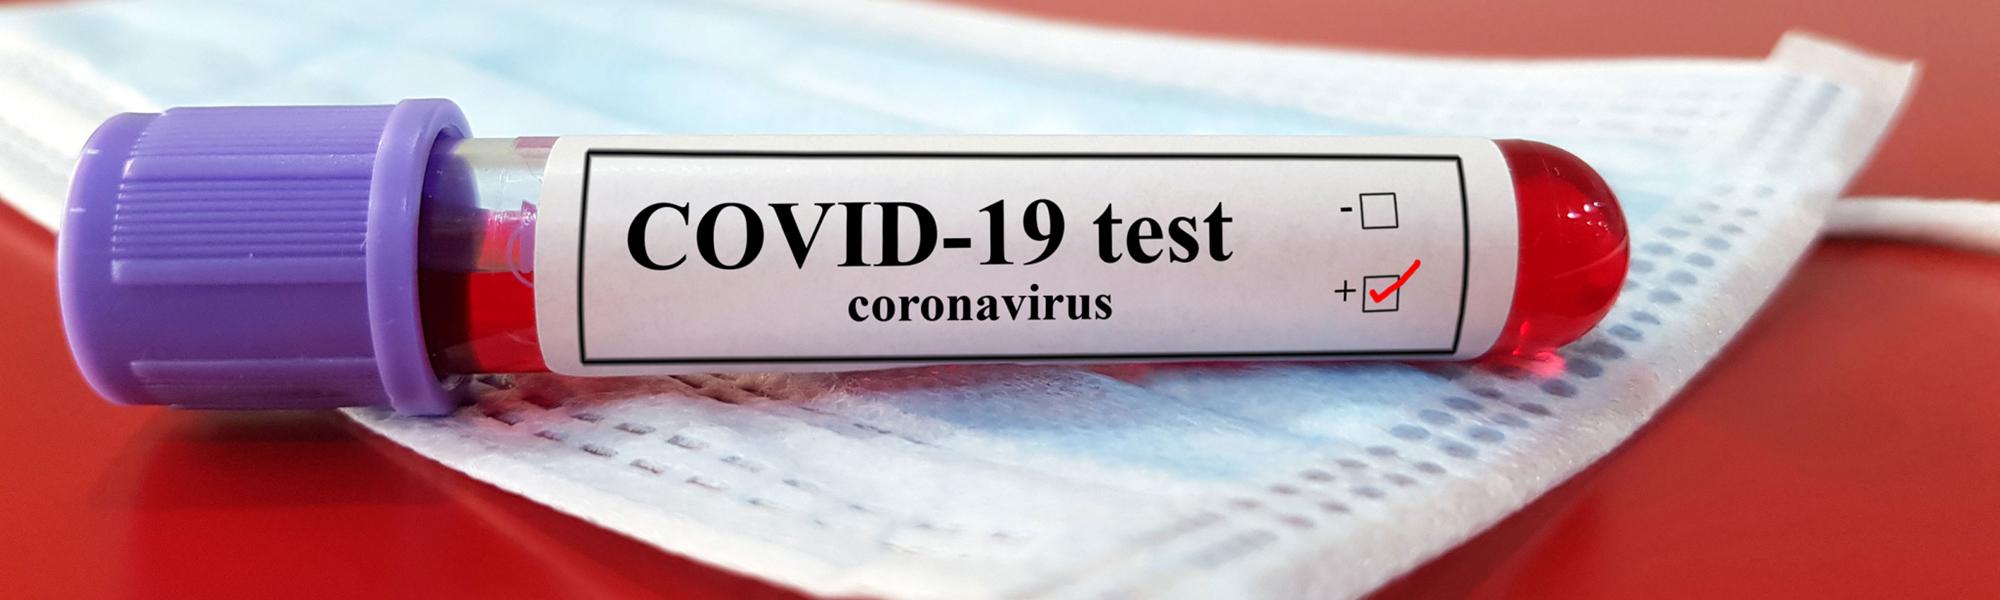 COVID-19 test tube